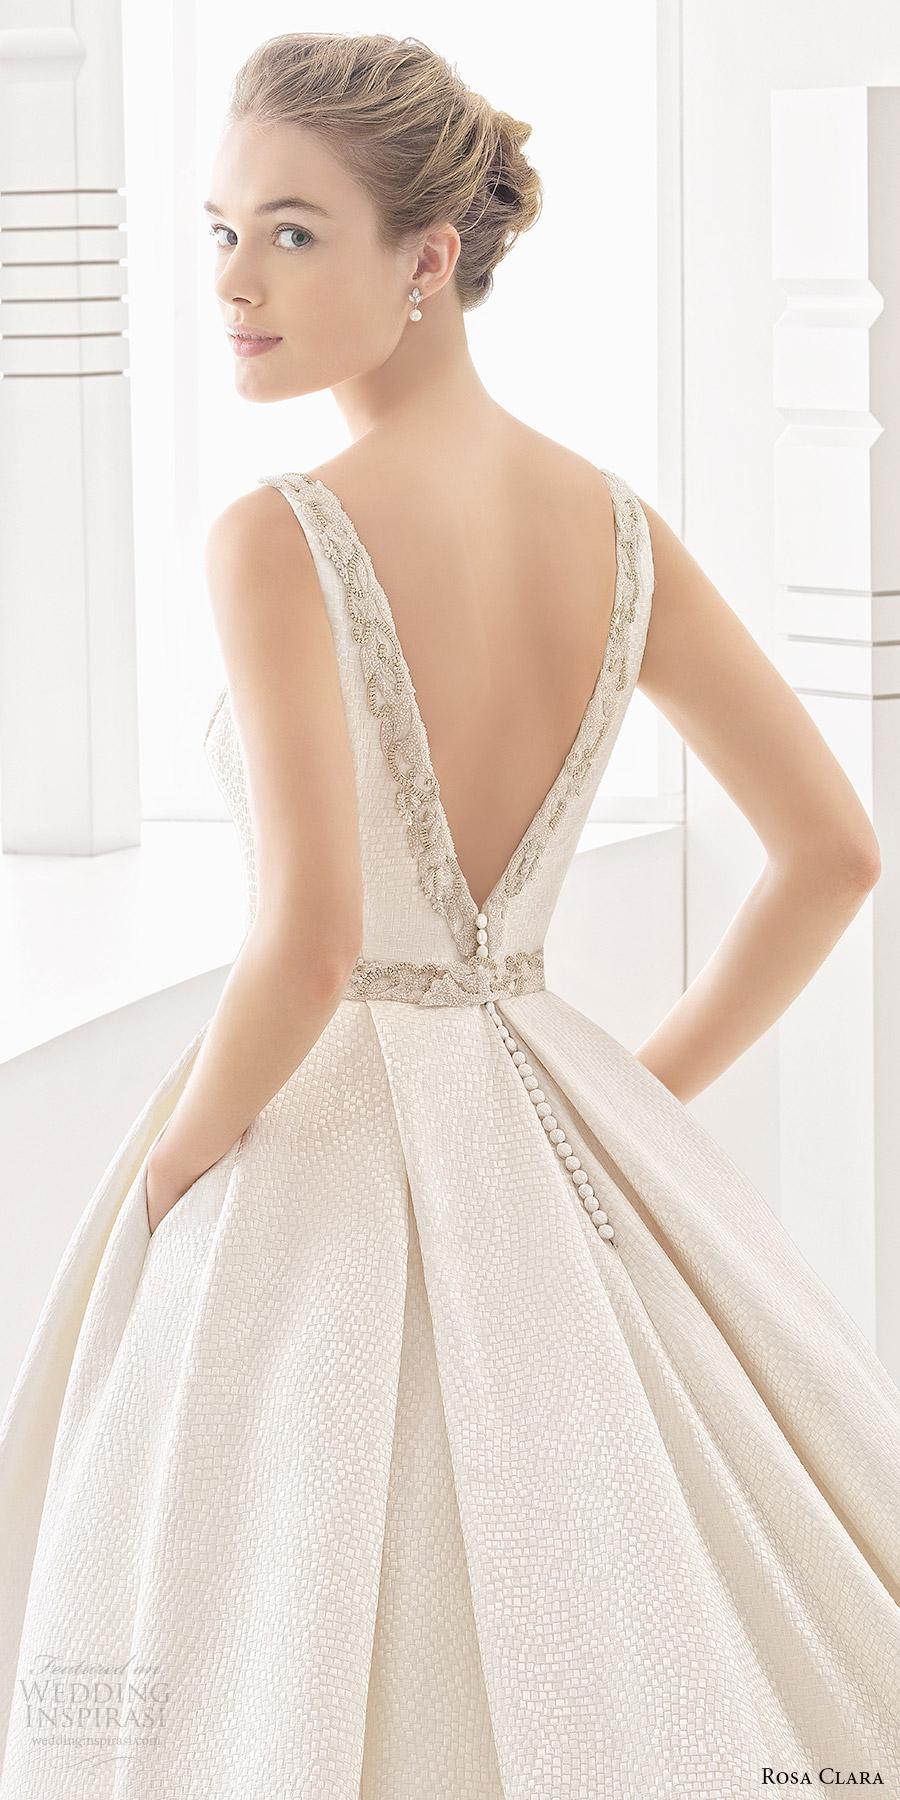 Xu hướng váy cưới 2017